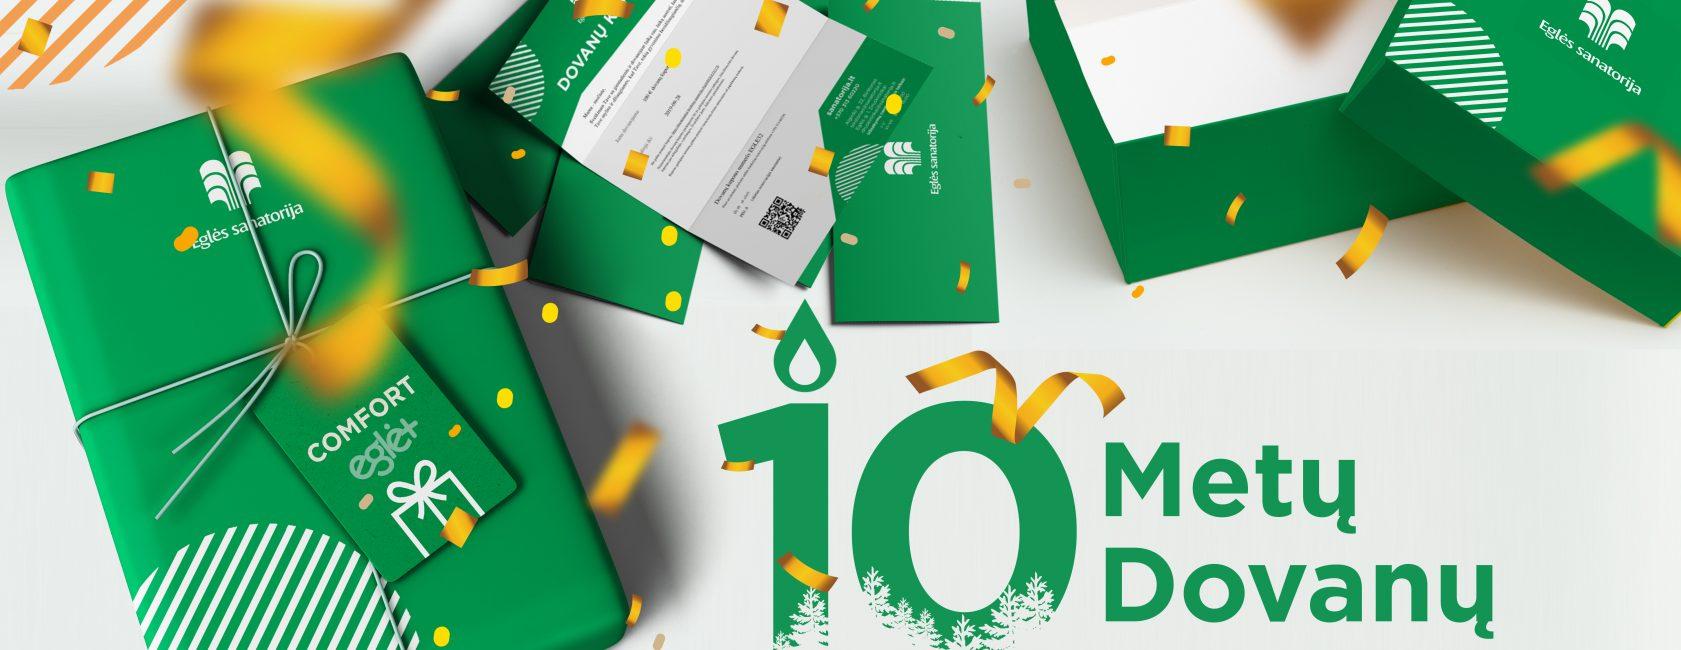 10 metų – 10 dovanų!